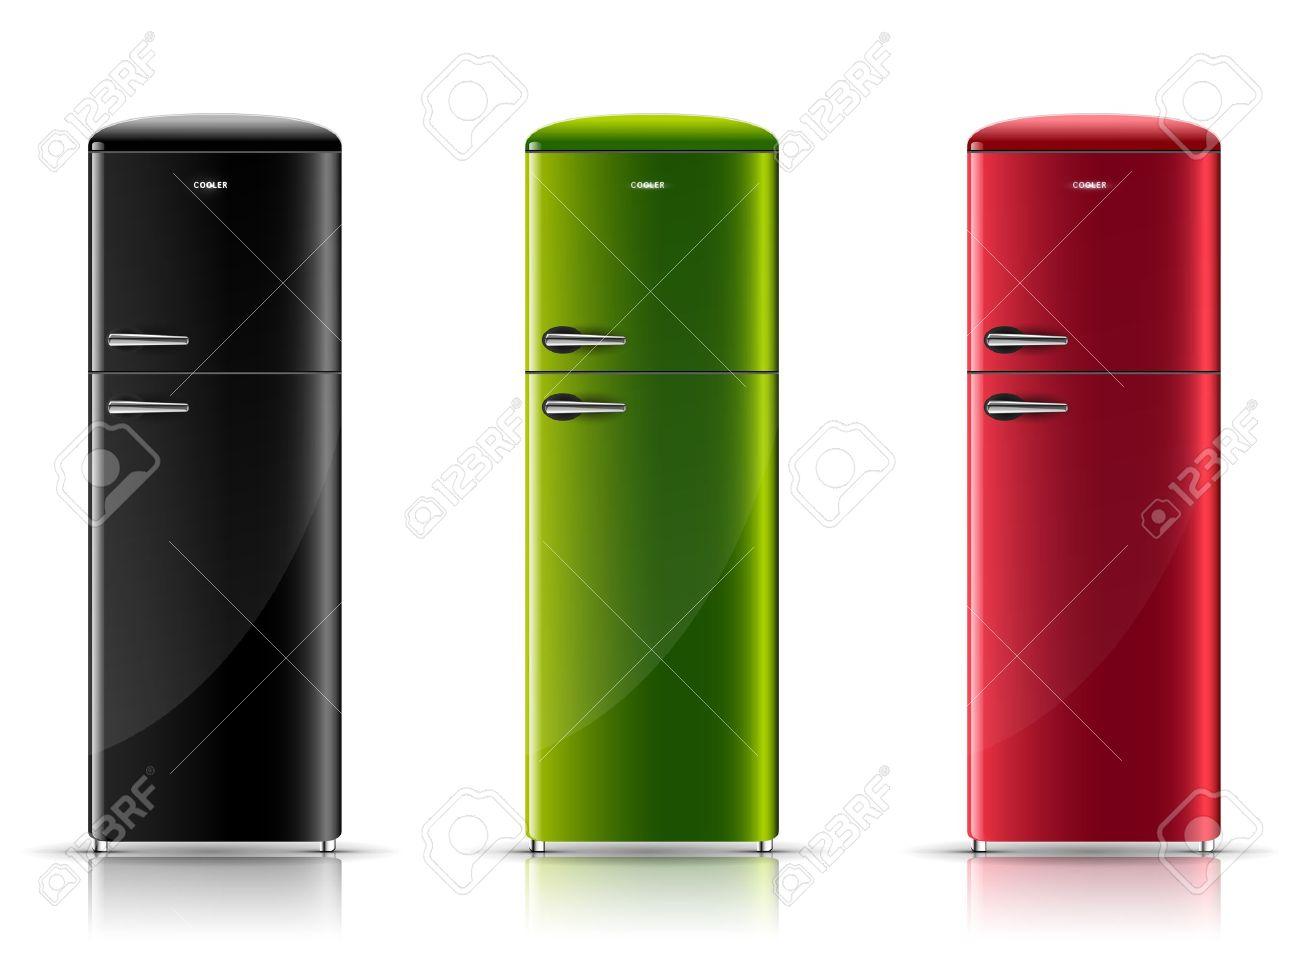 Oranier Retro Kühlschrank : Kühlschrank rot oranier rkg standgerät kühl gefrierkombination